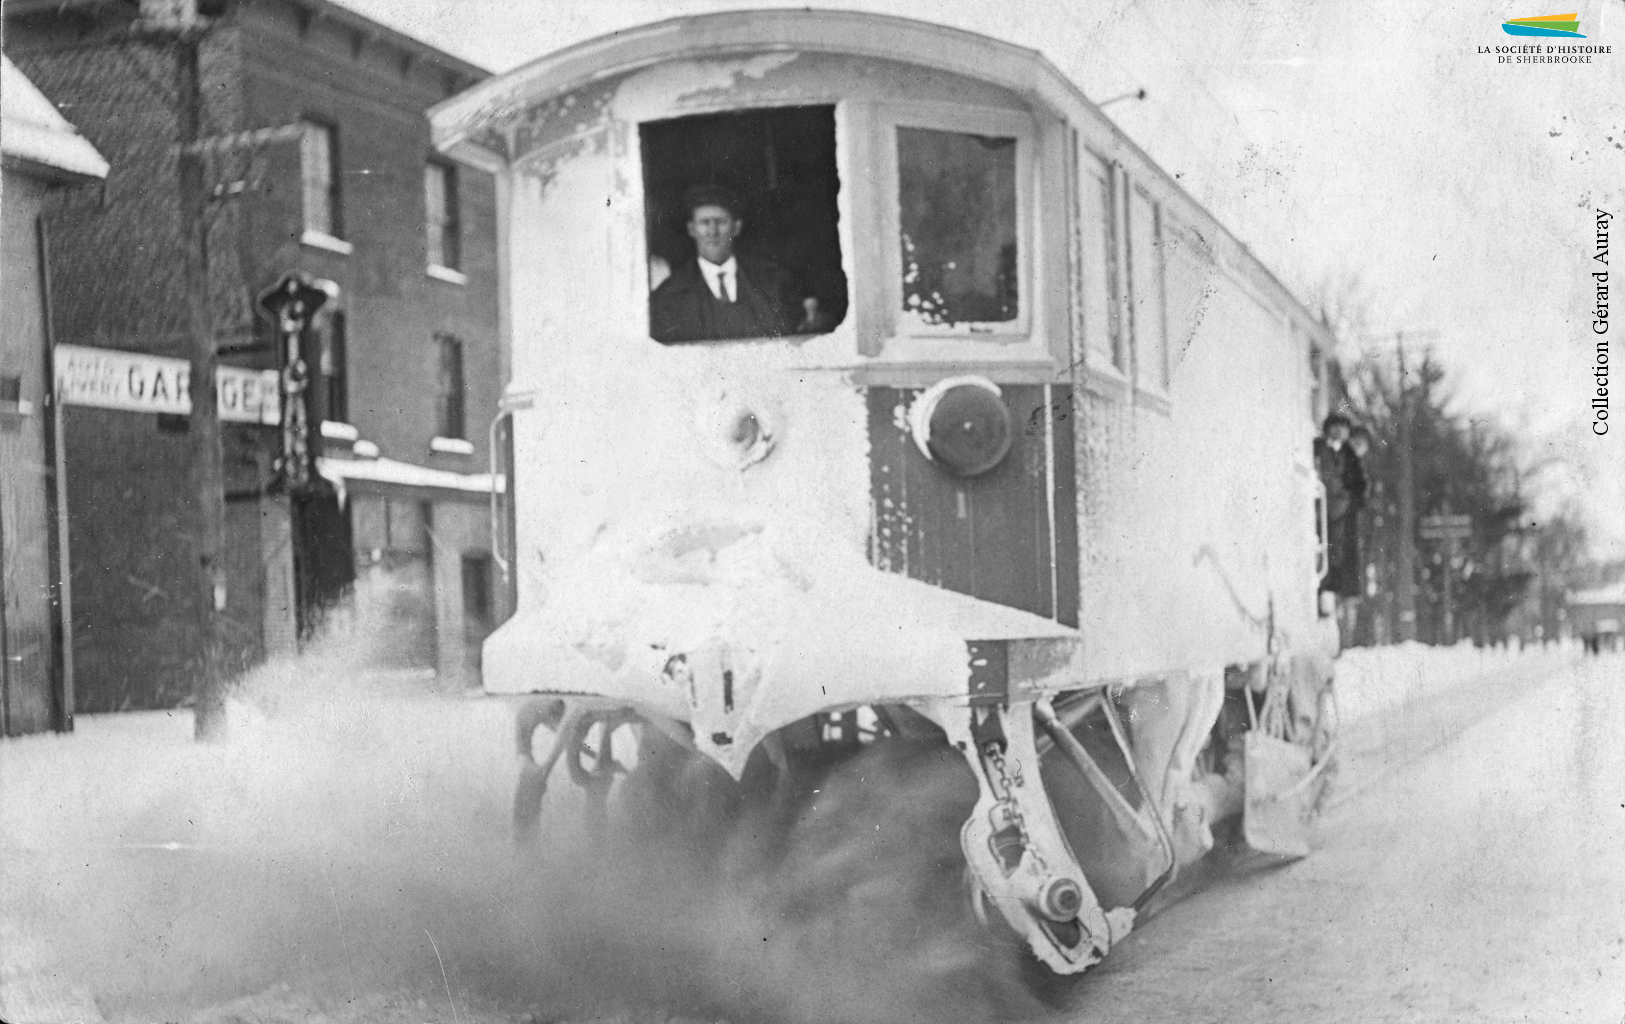 Pour déblayer les voies après une chute de neige, la Sherbrooke Street Railway and Power Co. dispose de certaines voitures de tramway équipées de balais. Cette photographie montre l'une de ces voitures à l'œuvre en janvier 1919.